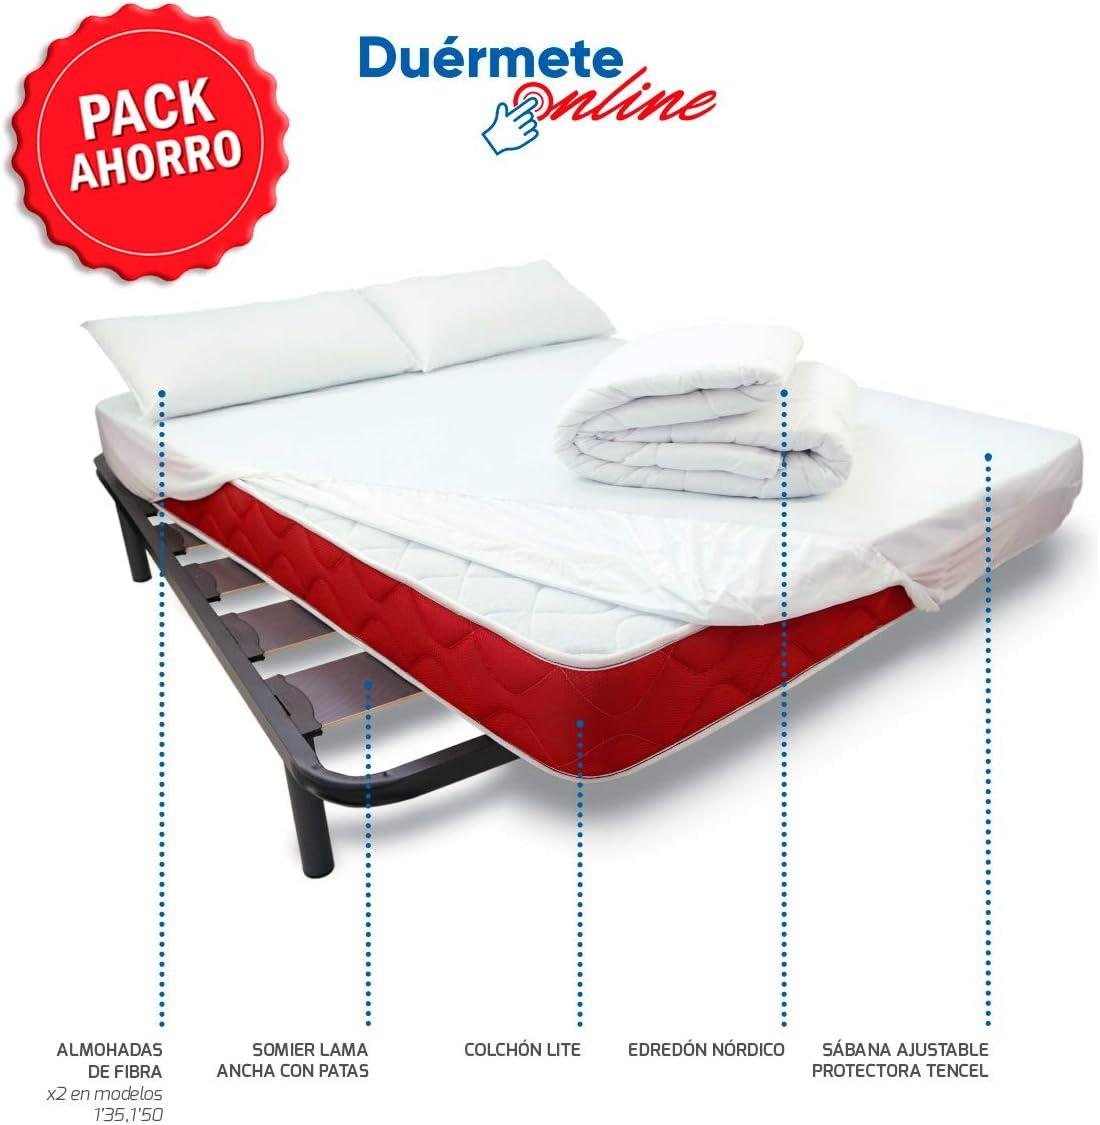 Duérmete Online - Pack Cama Completa Total con Colchón Lite + Somier Reforzado + Sábana Protectora Ajustable Tencel + Relleno Nórdico + Almohada 105x190: Amazon.es: Juguetes y juegos